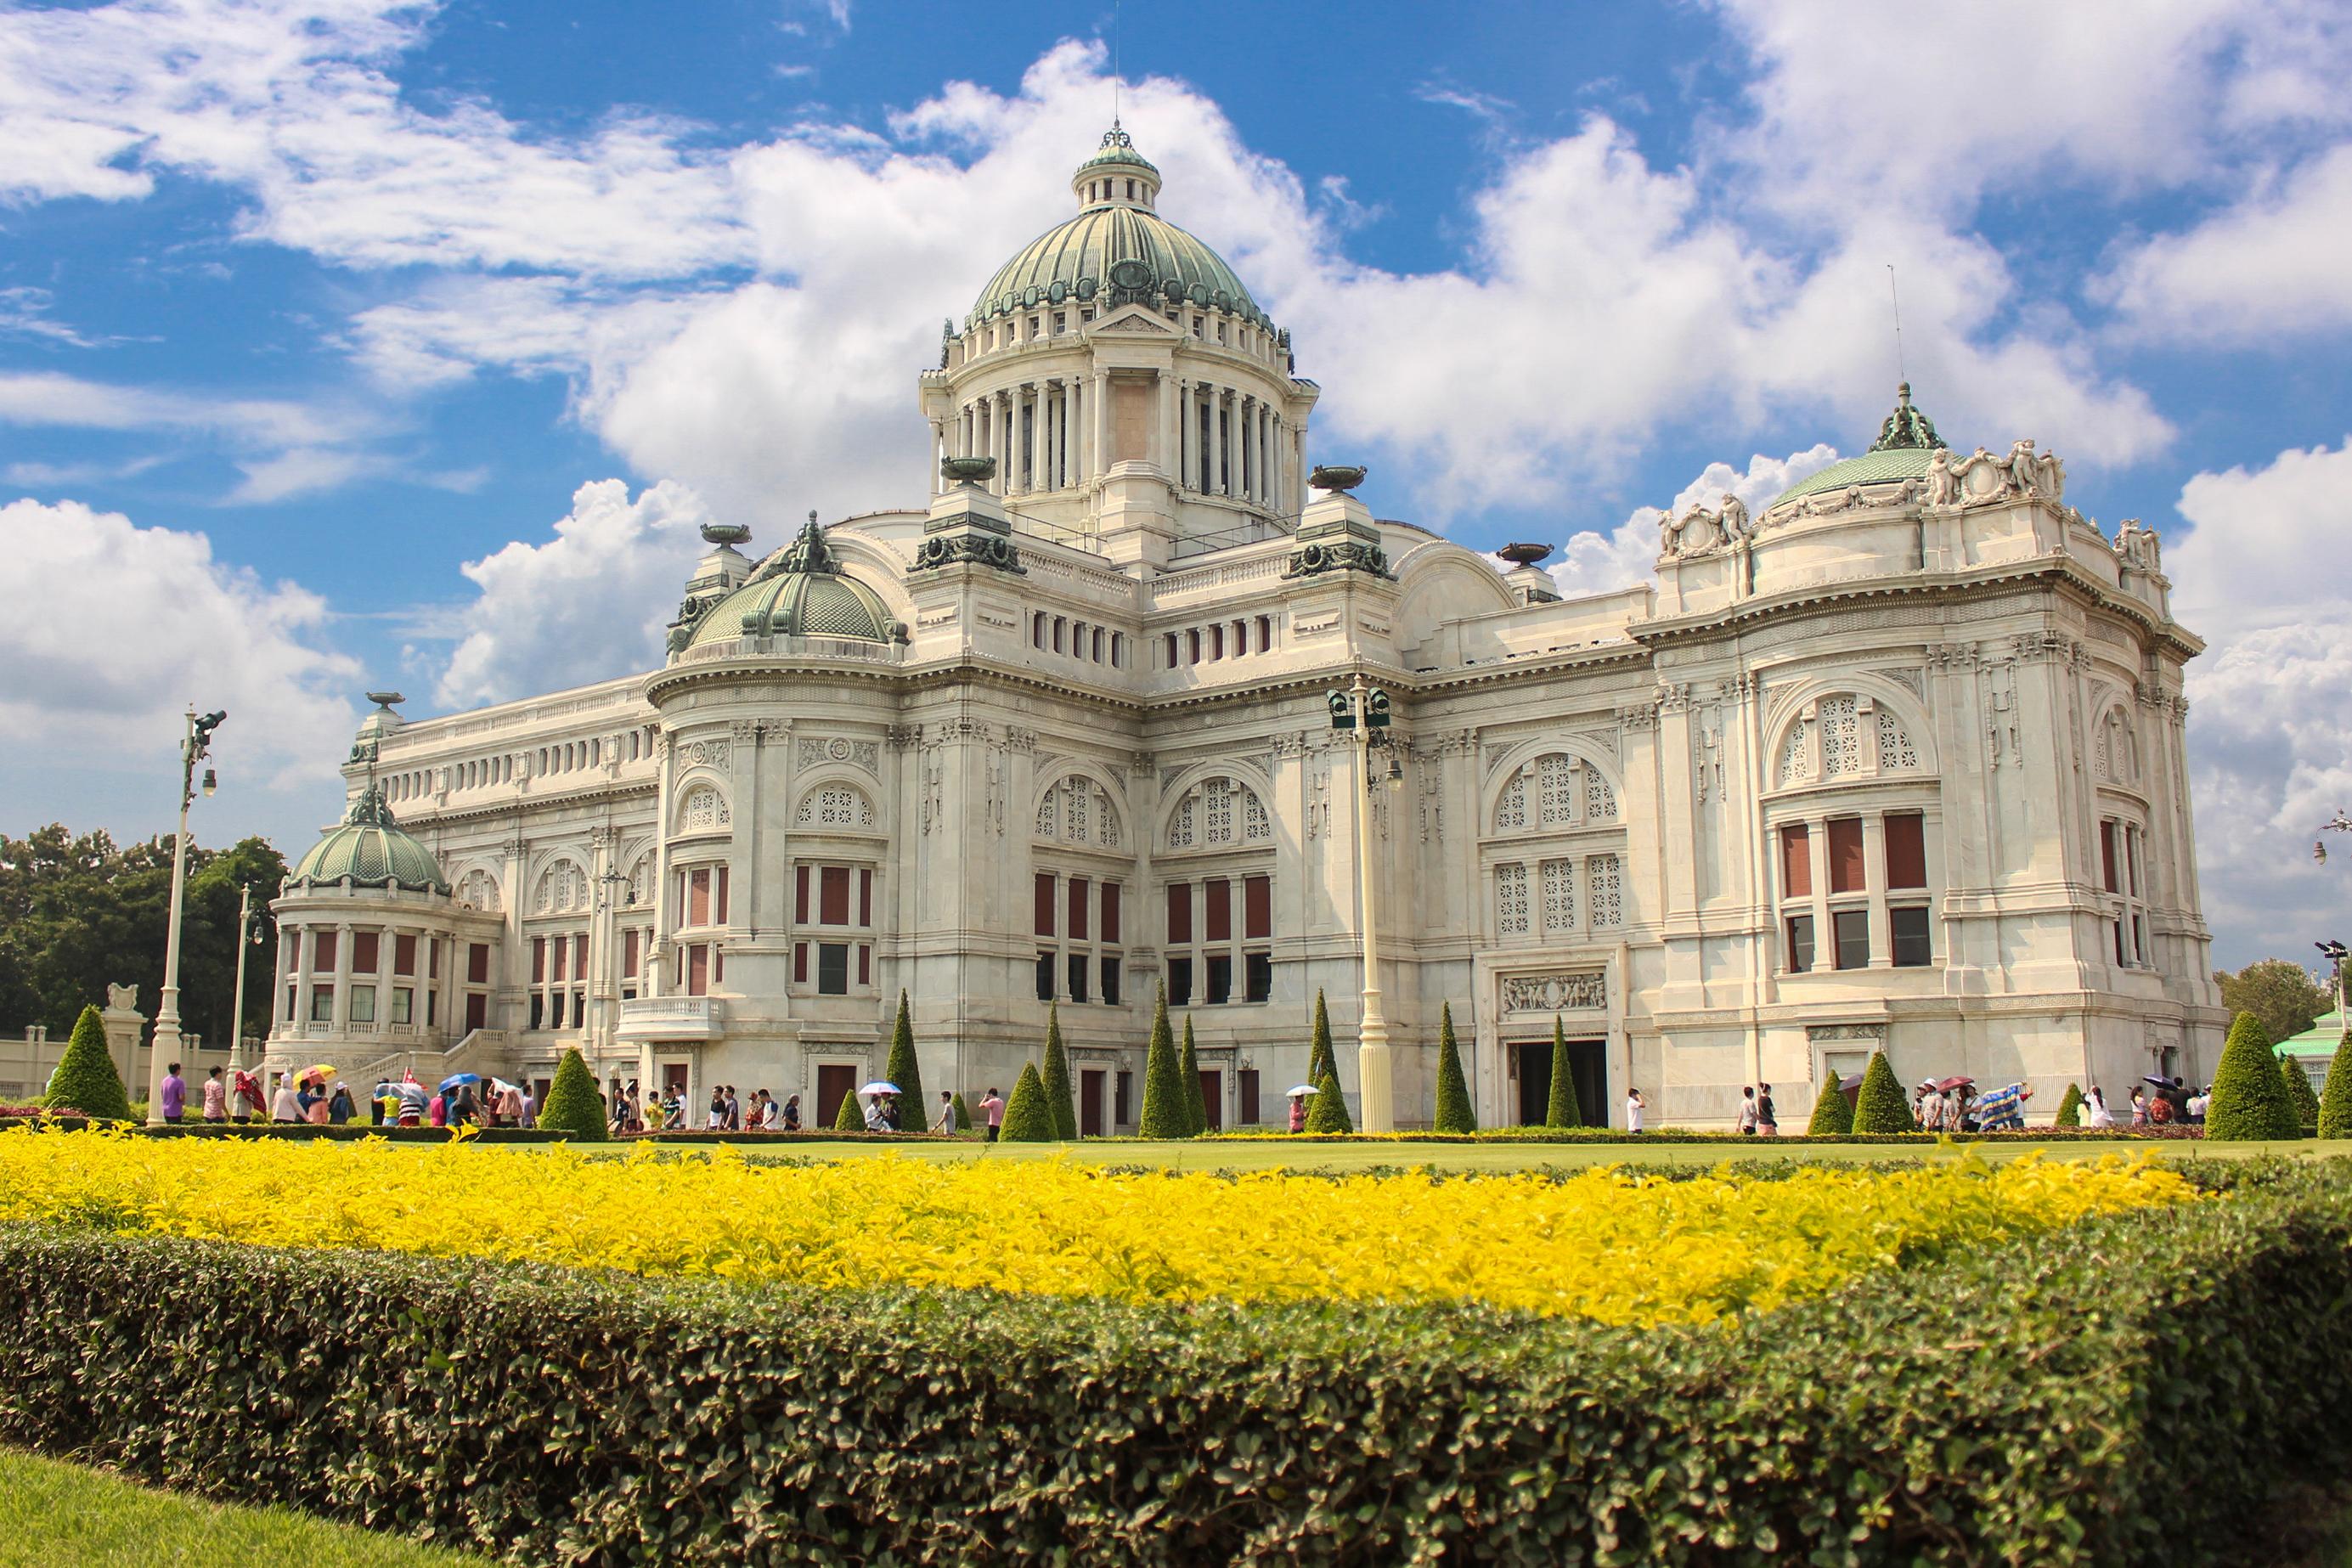 サマーコム宮殿